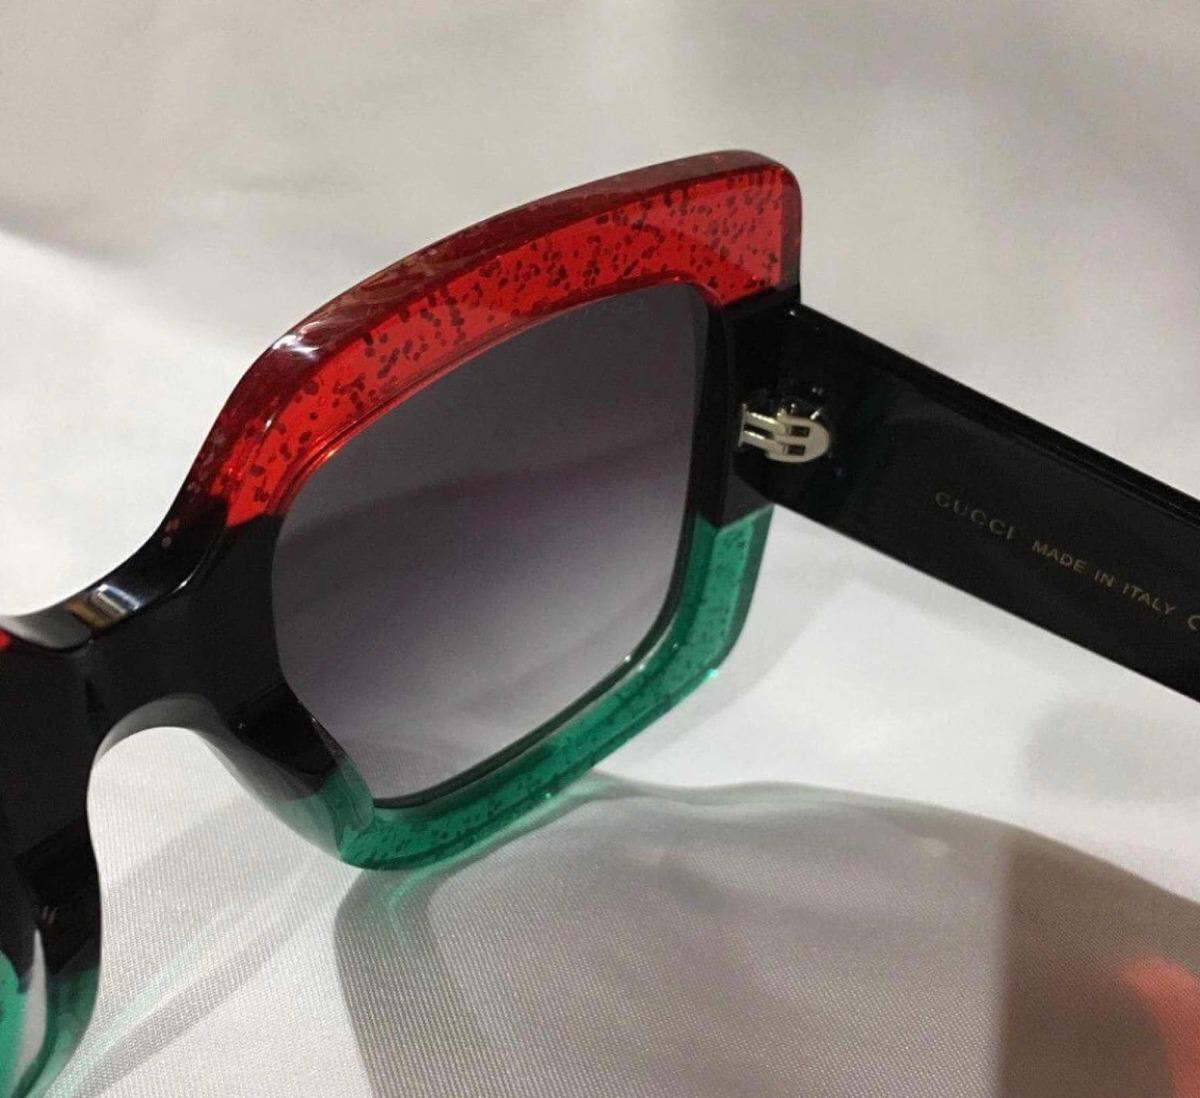 43e82d3fb Óculos Gucci Quadrado Tricolor Original - R$ 1.098,90 em Mercado Livre